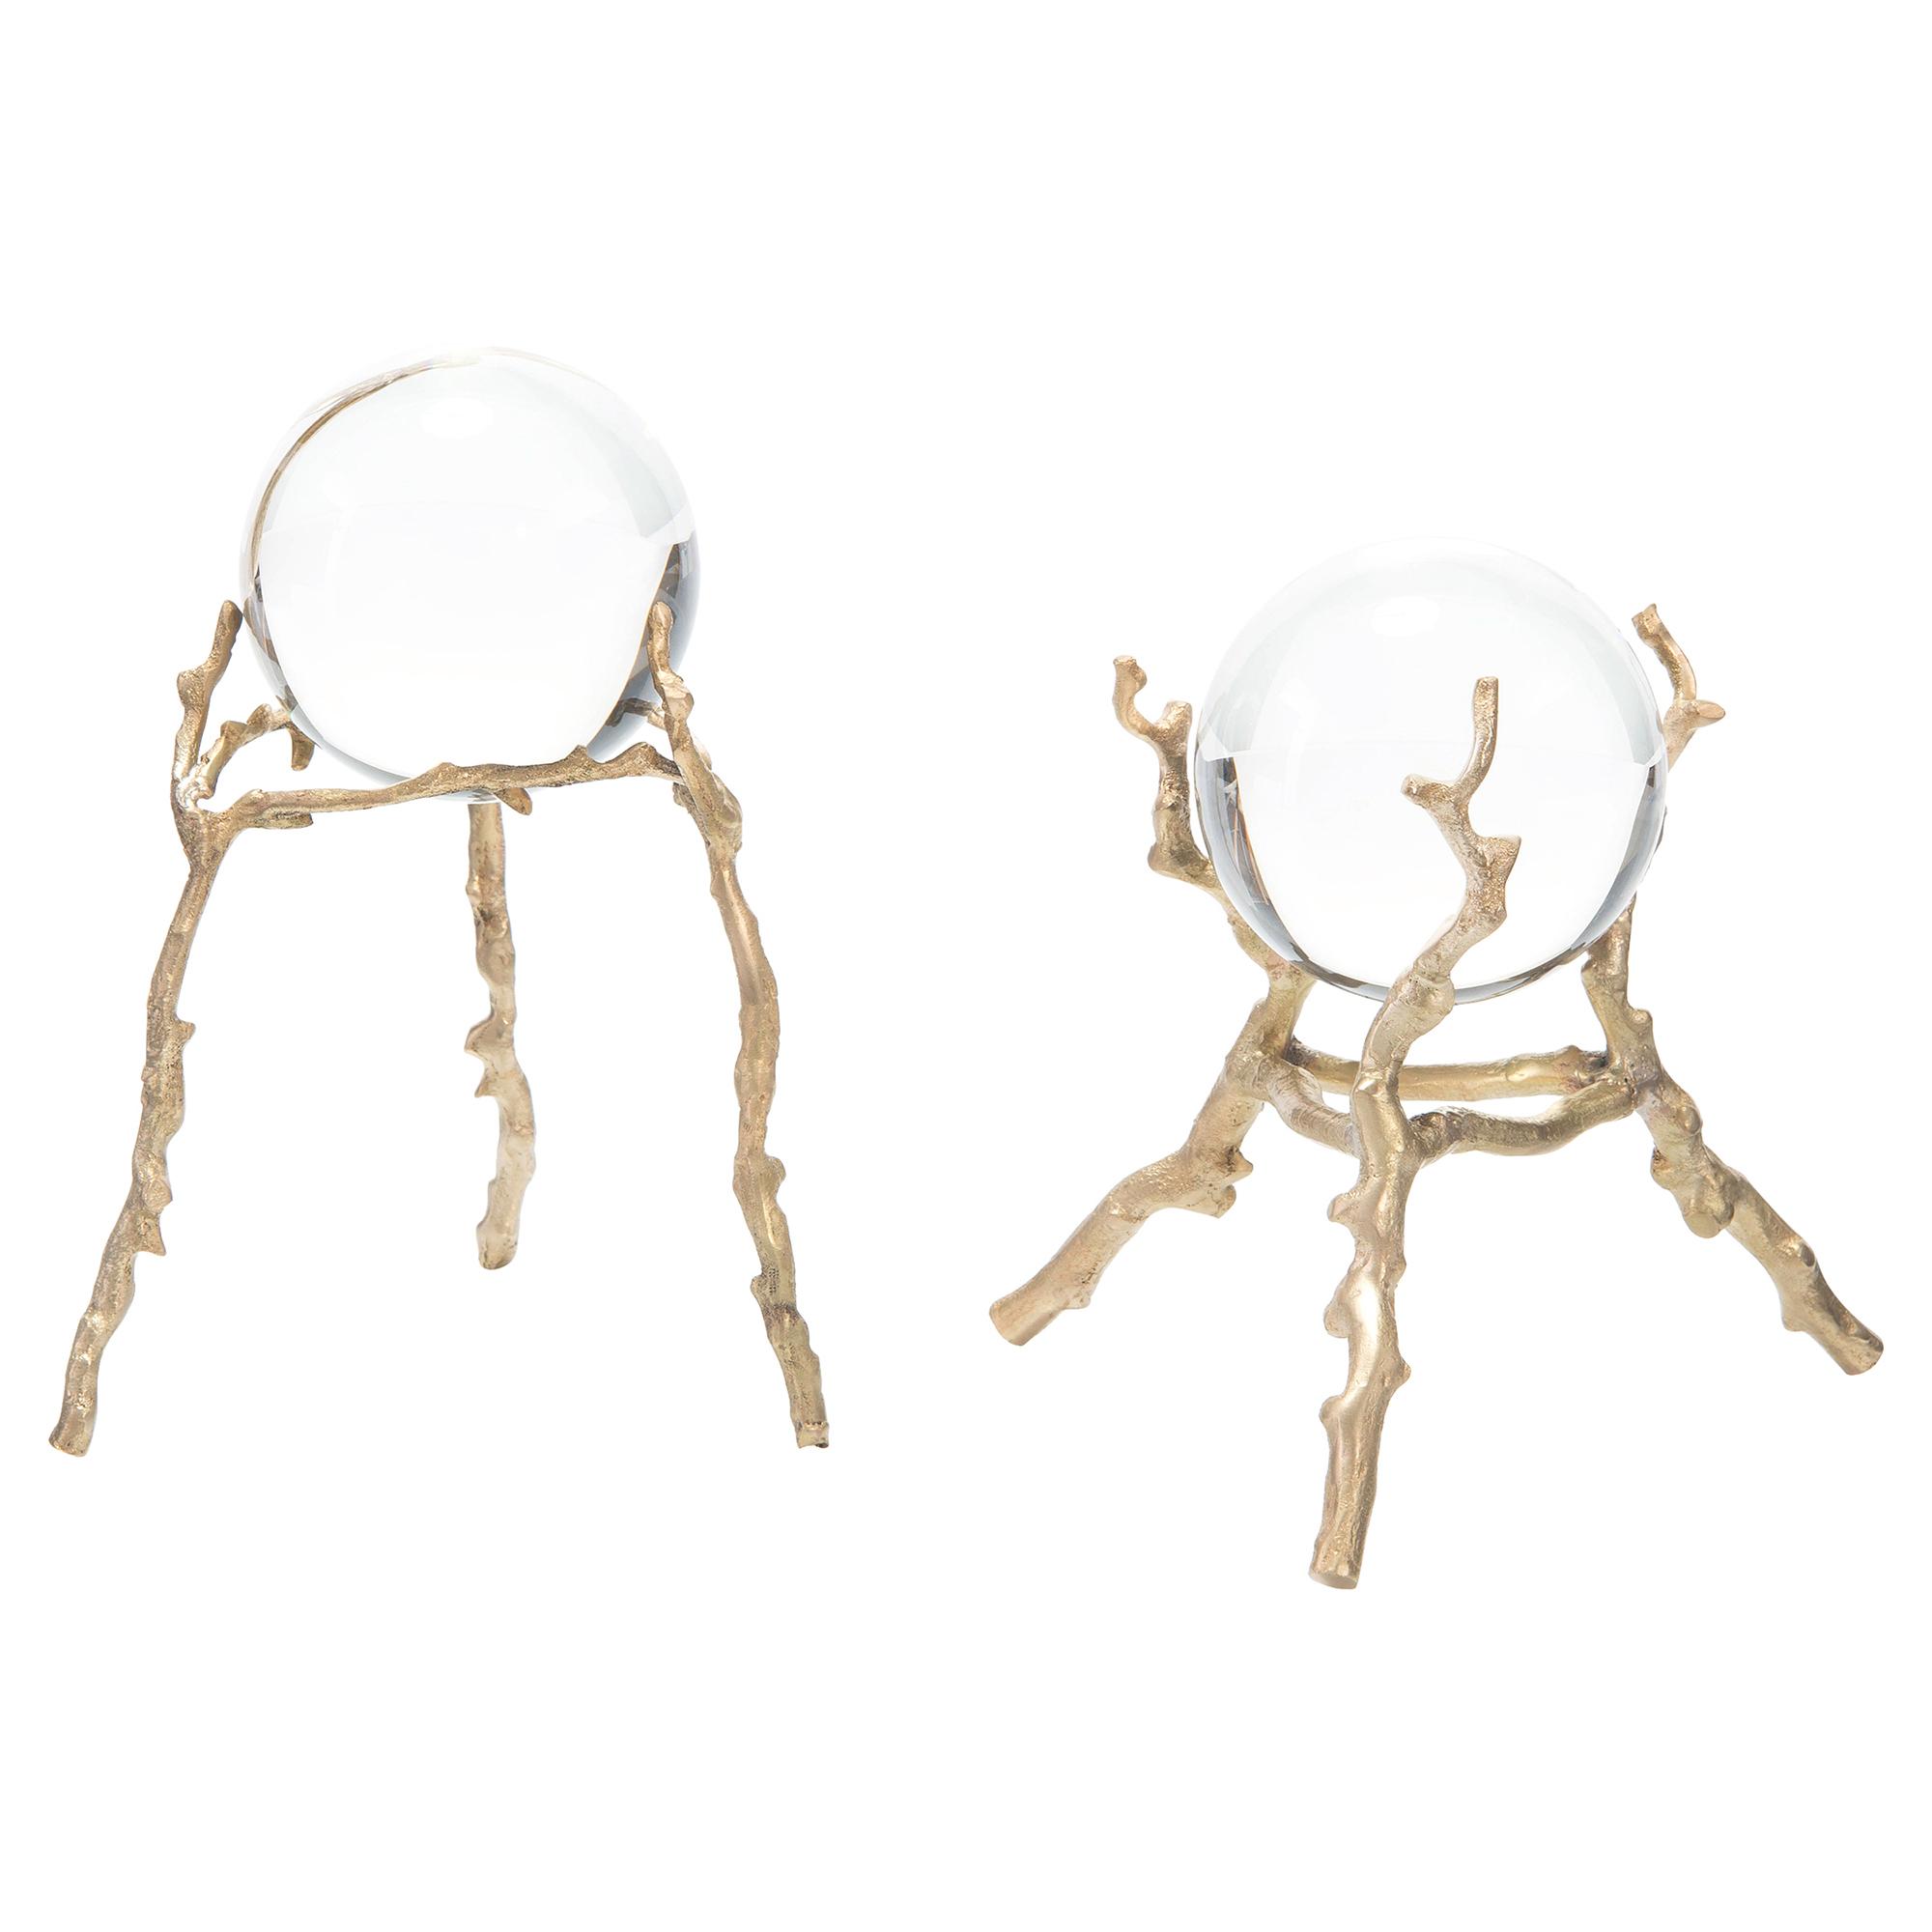 Mystical Brass Twig Crystal Balls - Pair